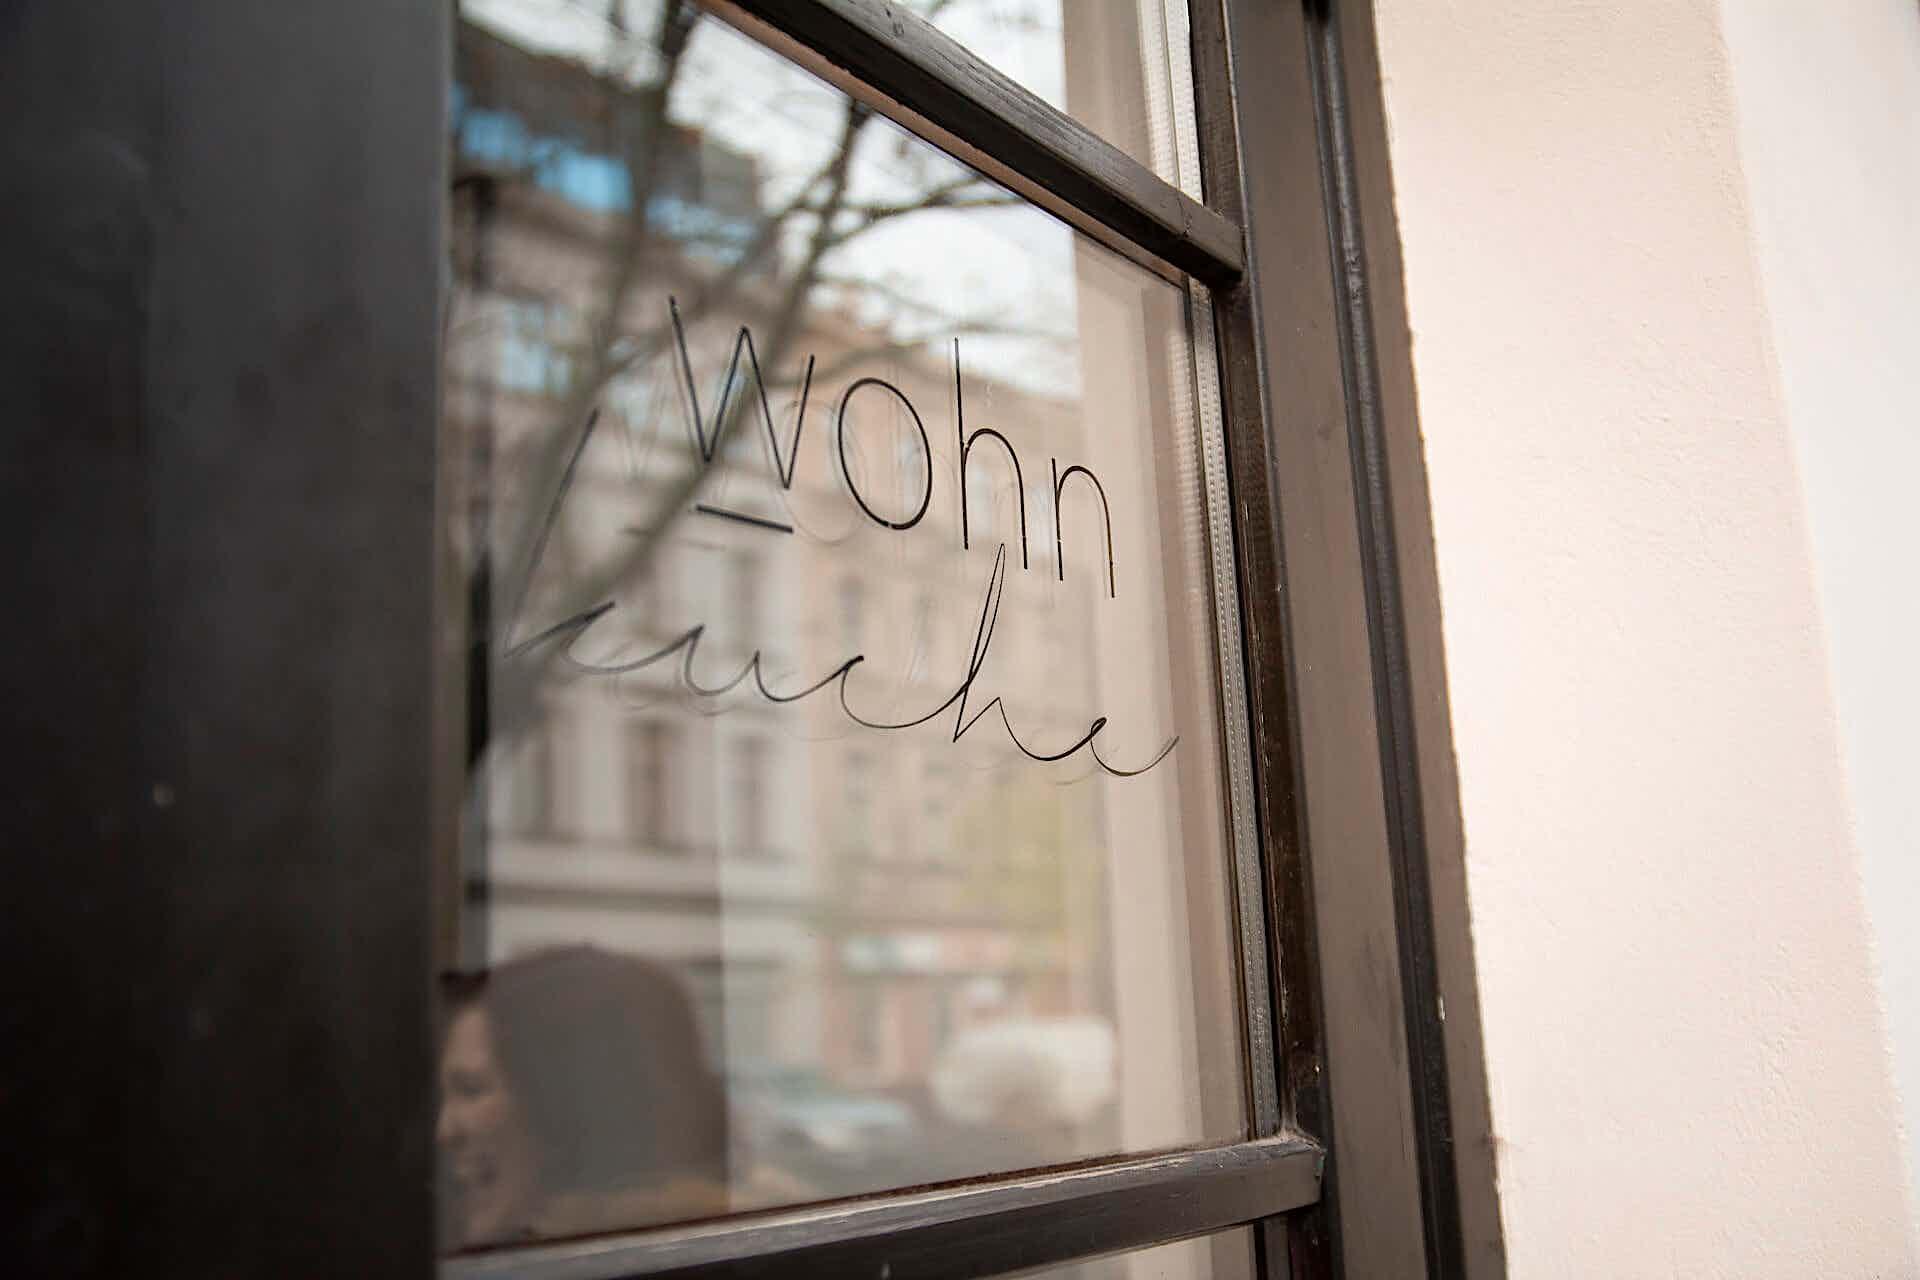 Wohnküche Logo am Fenster